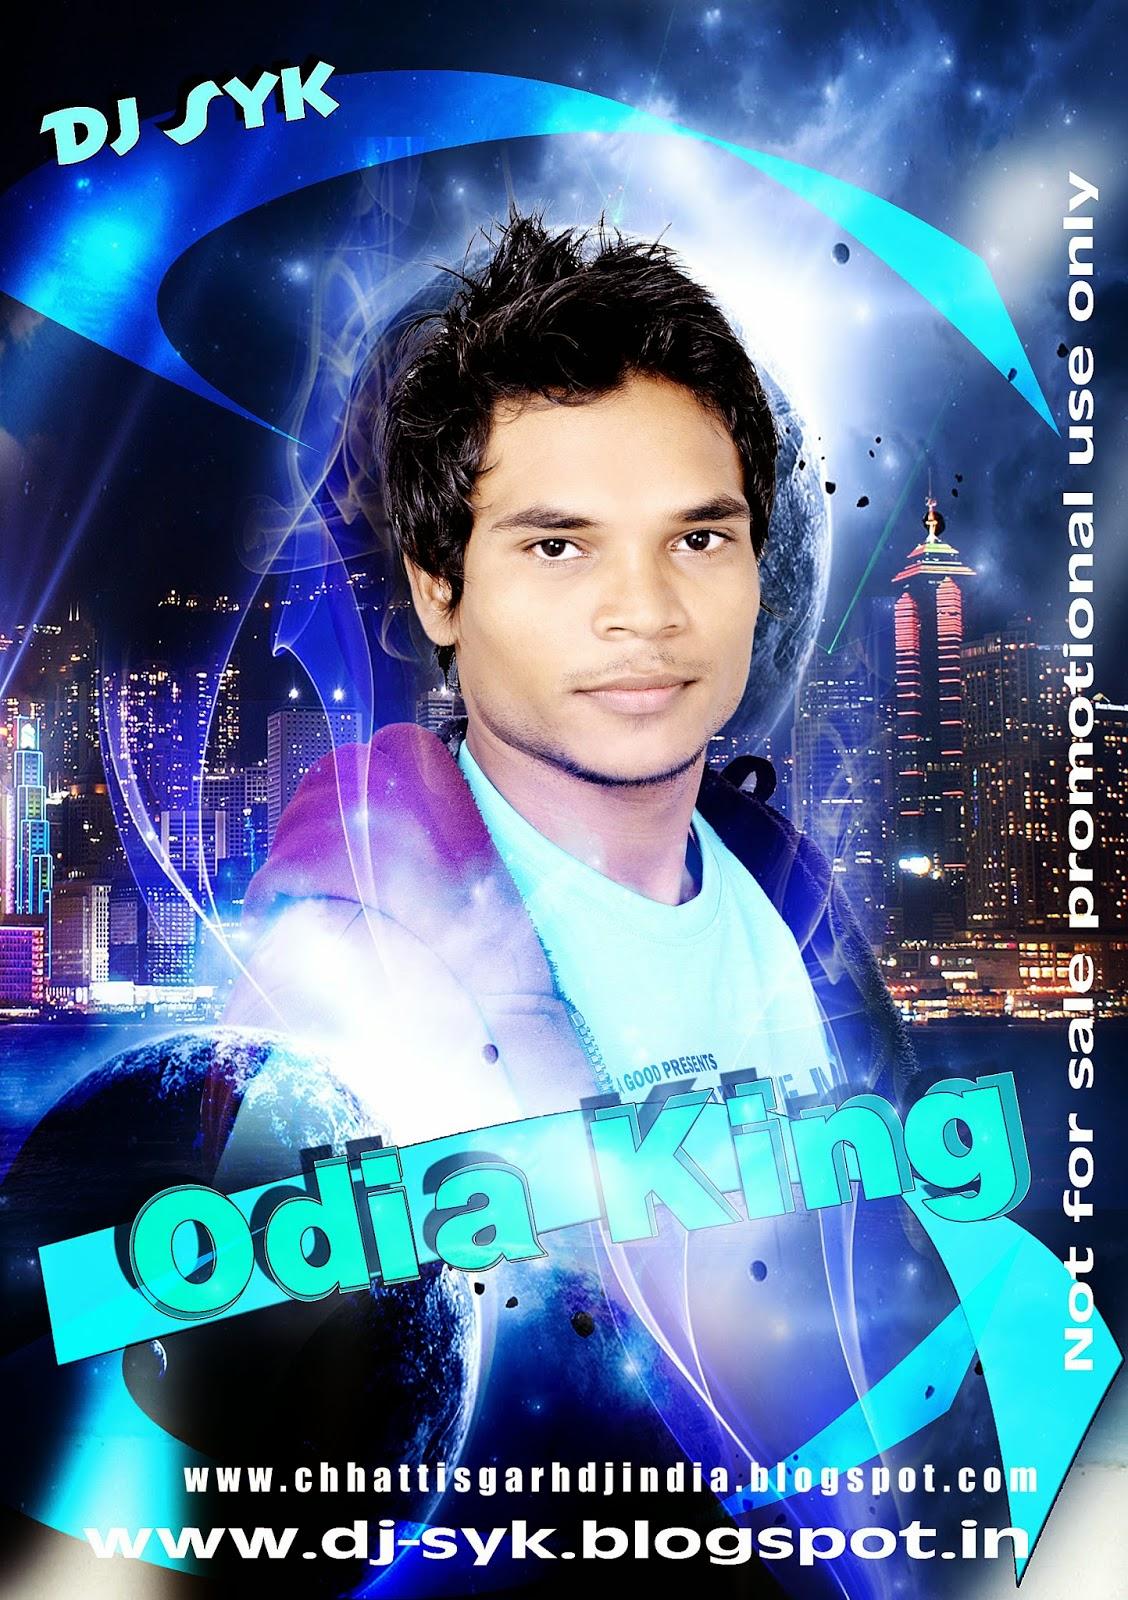 Odia king The Remix Album DJ SYK - Syk Music